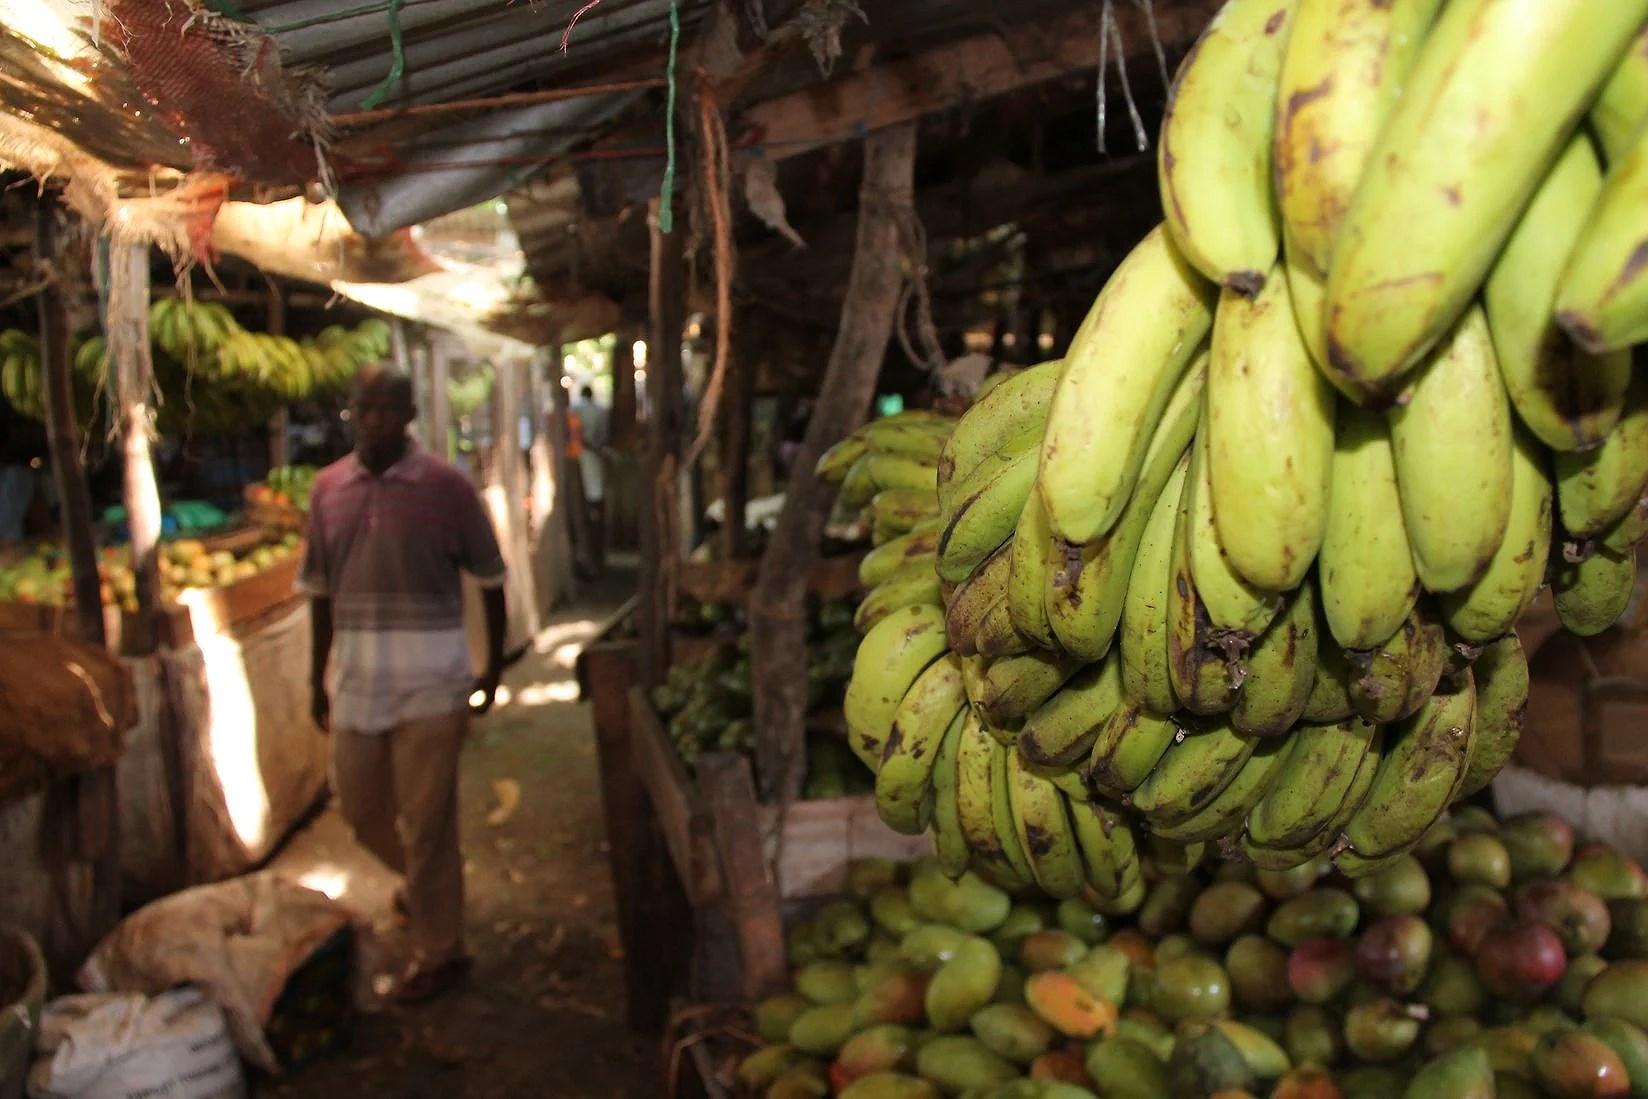 Pa jakt efter kylskap i Malindi City